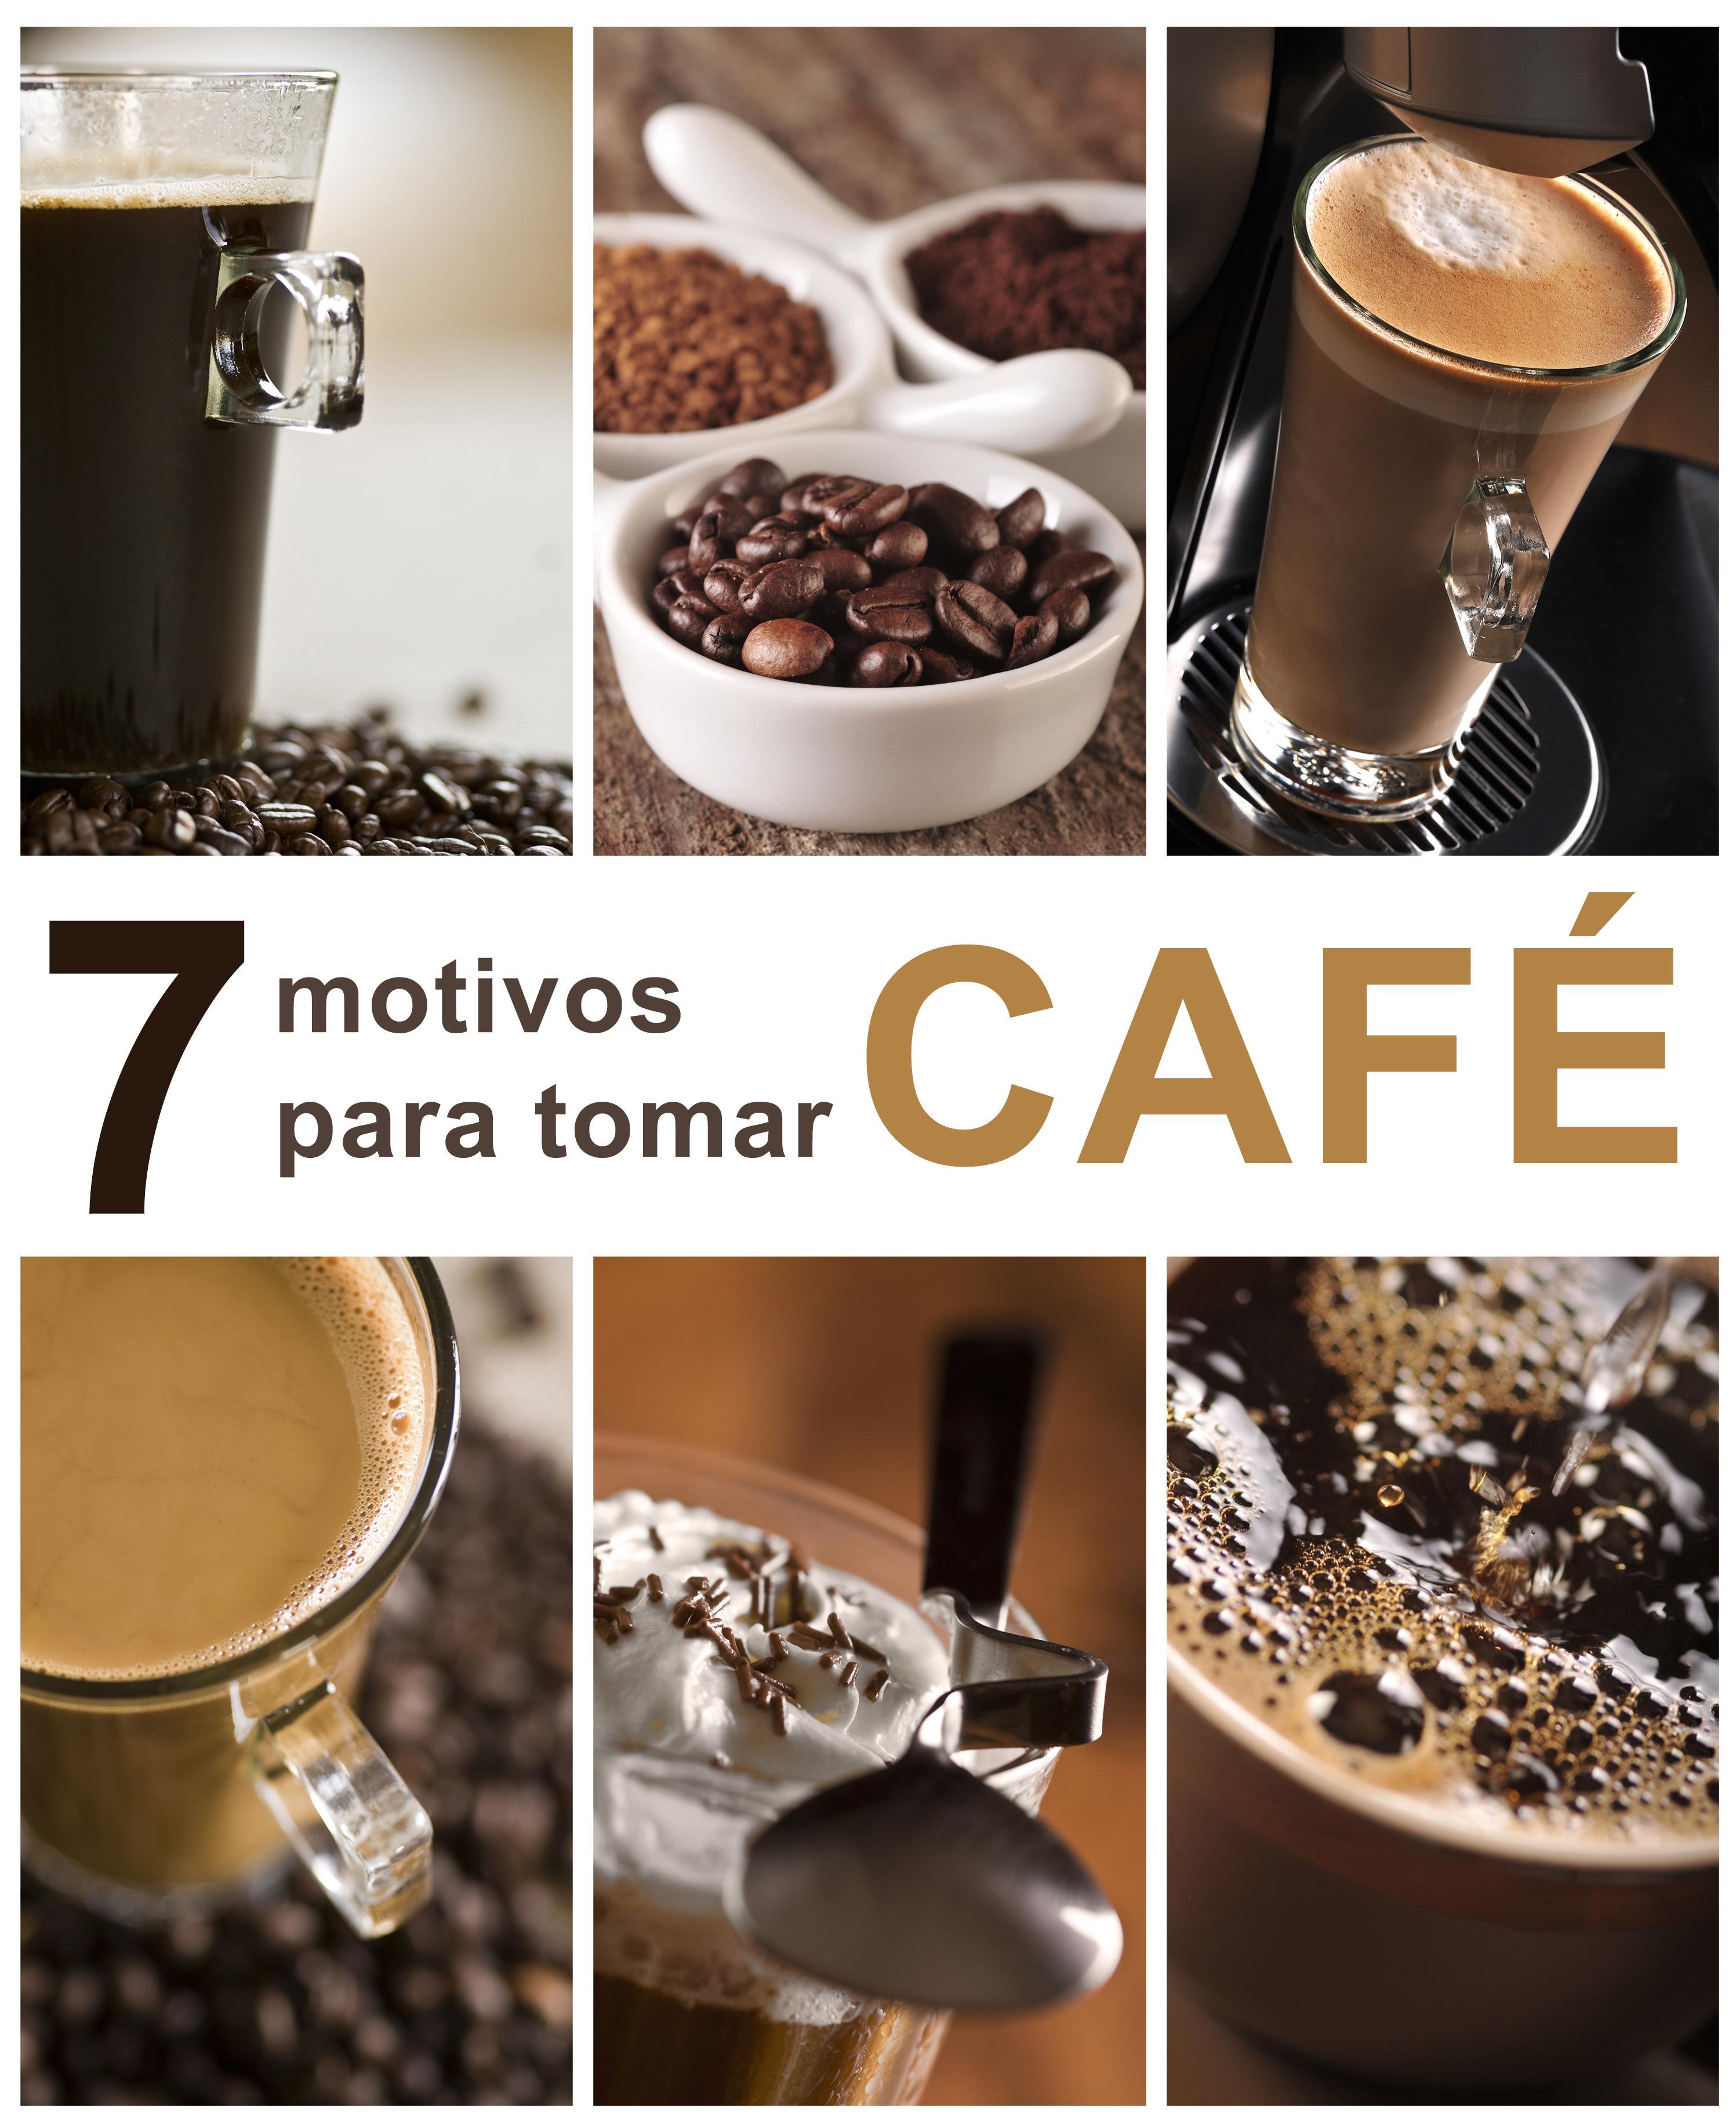 7 motivos para tomar café